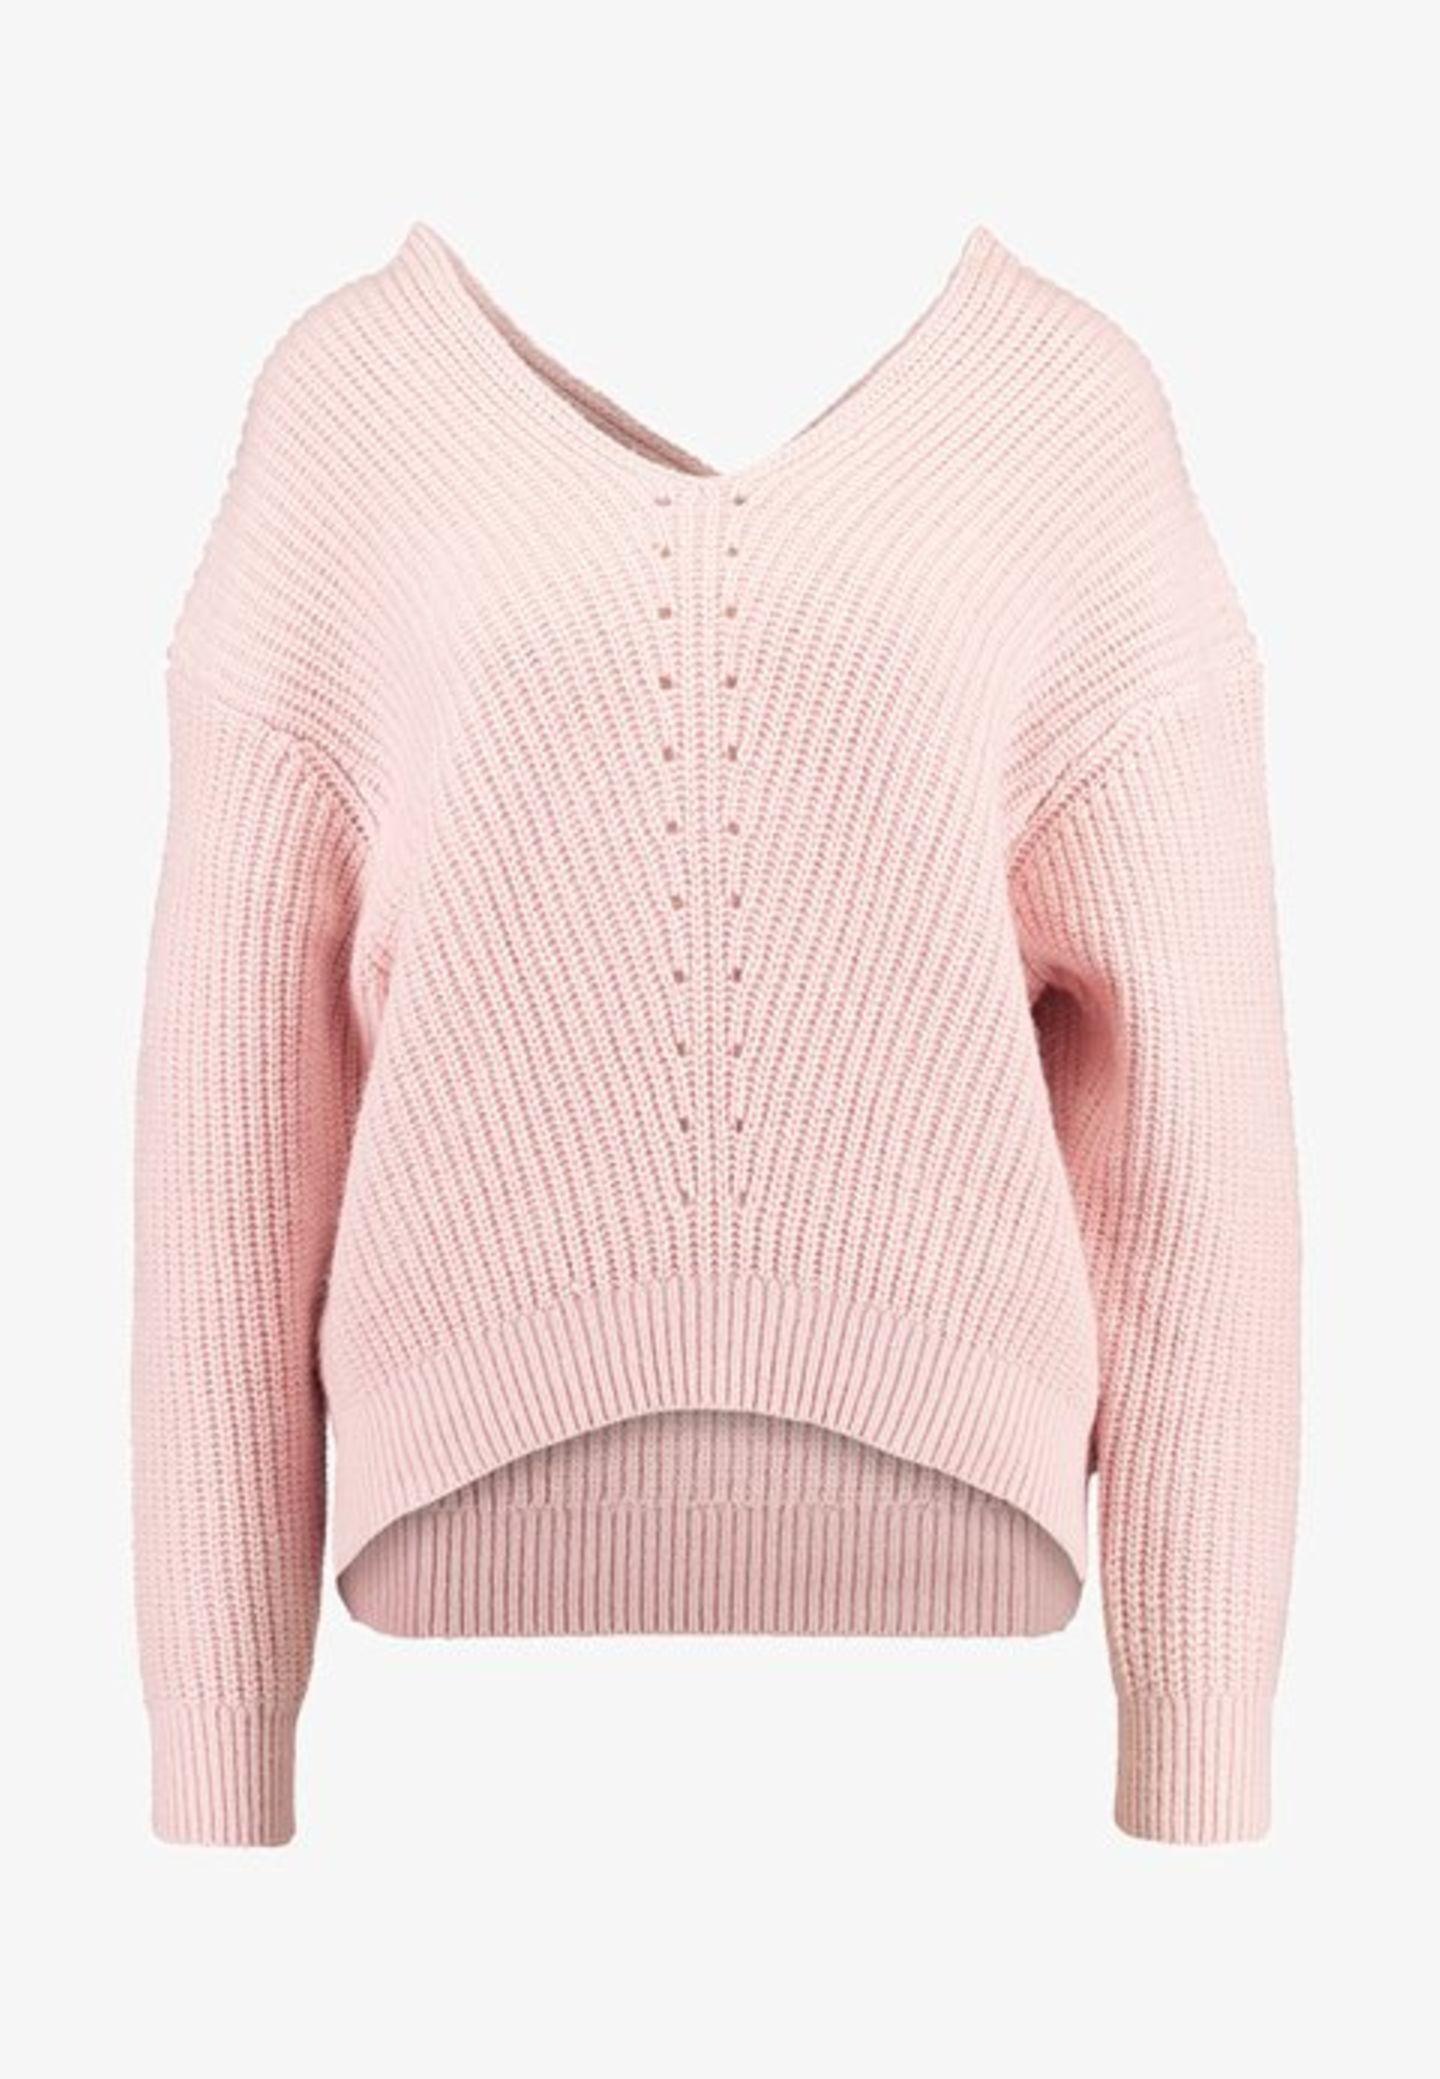 Zur weißen Hose oder zum Jeansrock: dieser rosafarbene Pullover mit V-Ausschnitt von Selected Femme passt zu jedem Look.  Für rund 56 Euro bei Zalando erhältlich.